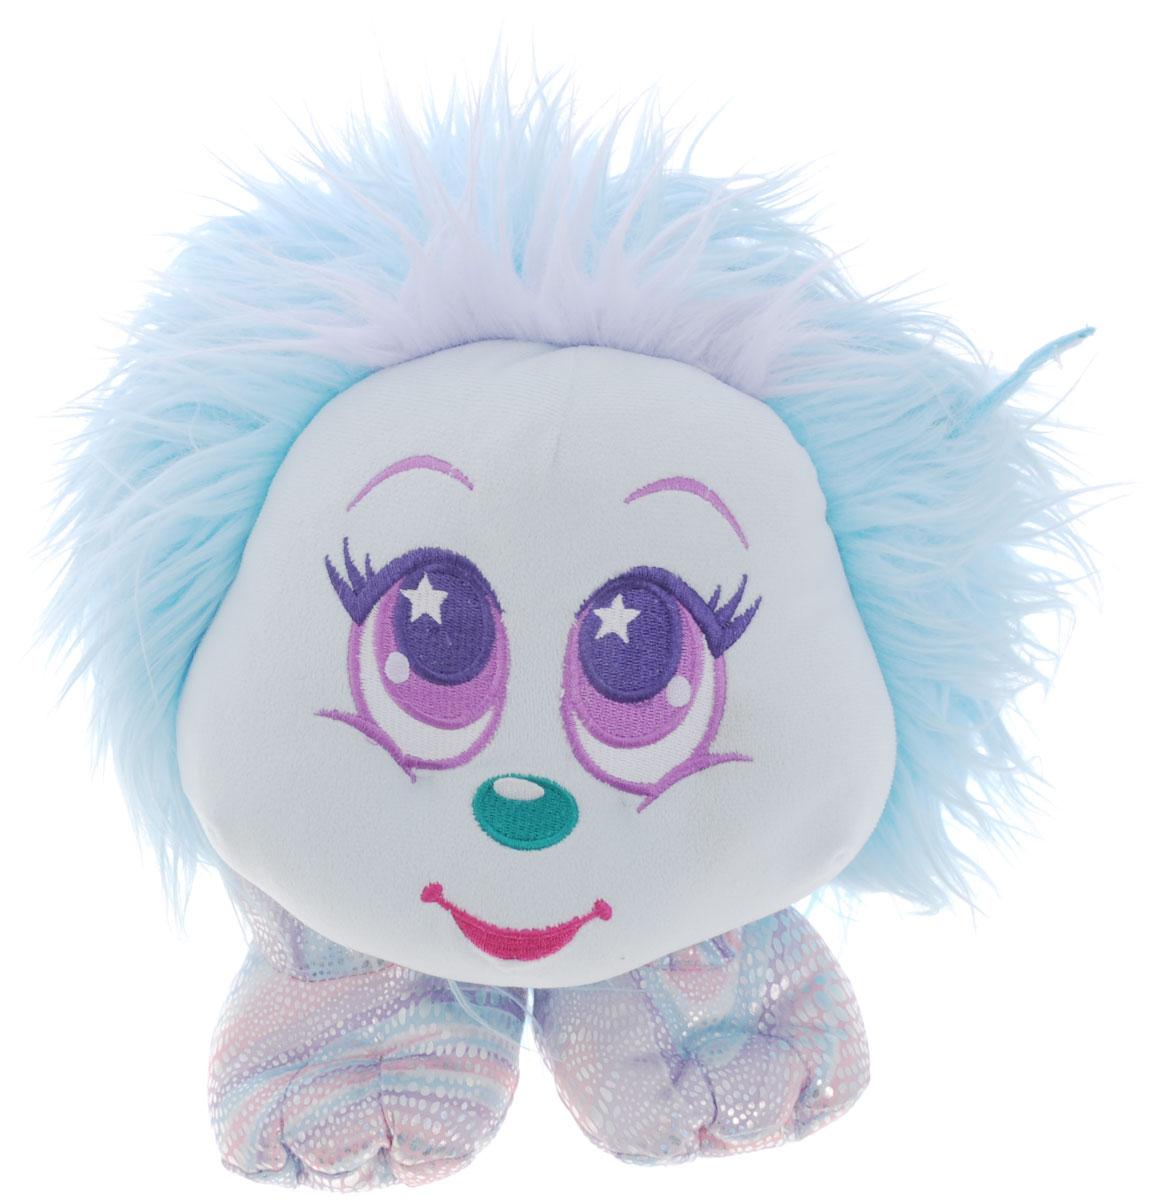 Zuru Мягкая игрушка Big Shnooks цвет голубой 23 см203_голубойМягкая игрушка Zuru Big Shnooks привлечет внимание вашей малышки и станет для нее лучшим другом. Shnooks (Шнукс) - забавный плюшевый мохнатик с веселой мордочкой, маленьким носиком, добрыми глазками и пухлыми маленькими лапками. Все зверюшки Shnooks любят, когда их обнимают, гладят, заплетают косички и создают различные прически. Перед использованием игрушку необходимо достать из упаковки и потрясти. Объем волос игрушки сильно увеличится. Такая замечательная игрушка подарит вашей малышке множество часов приятных объятий, а также позволит ей проявить свой парикмахерский талант.